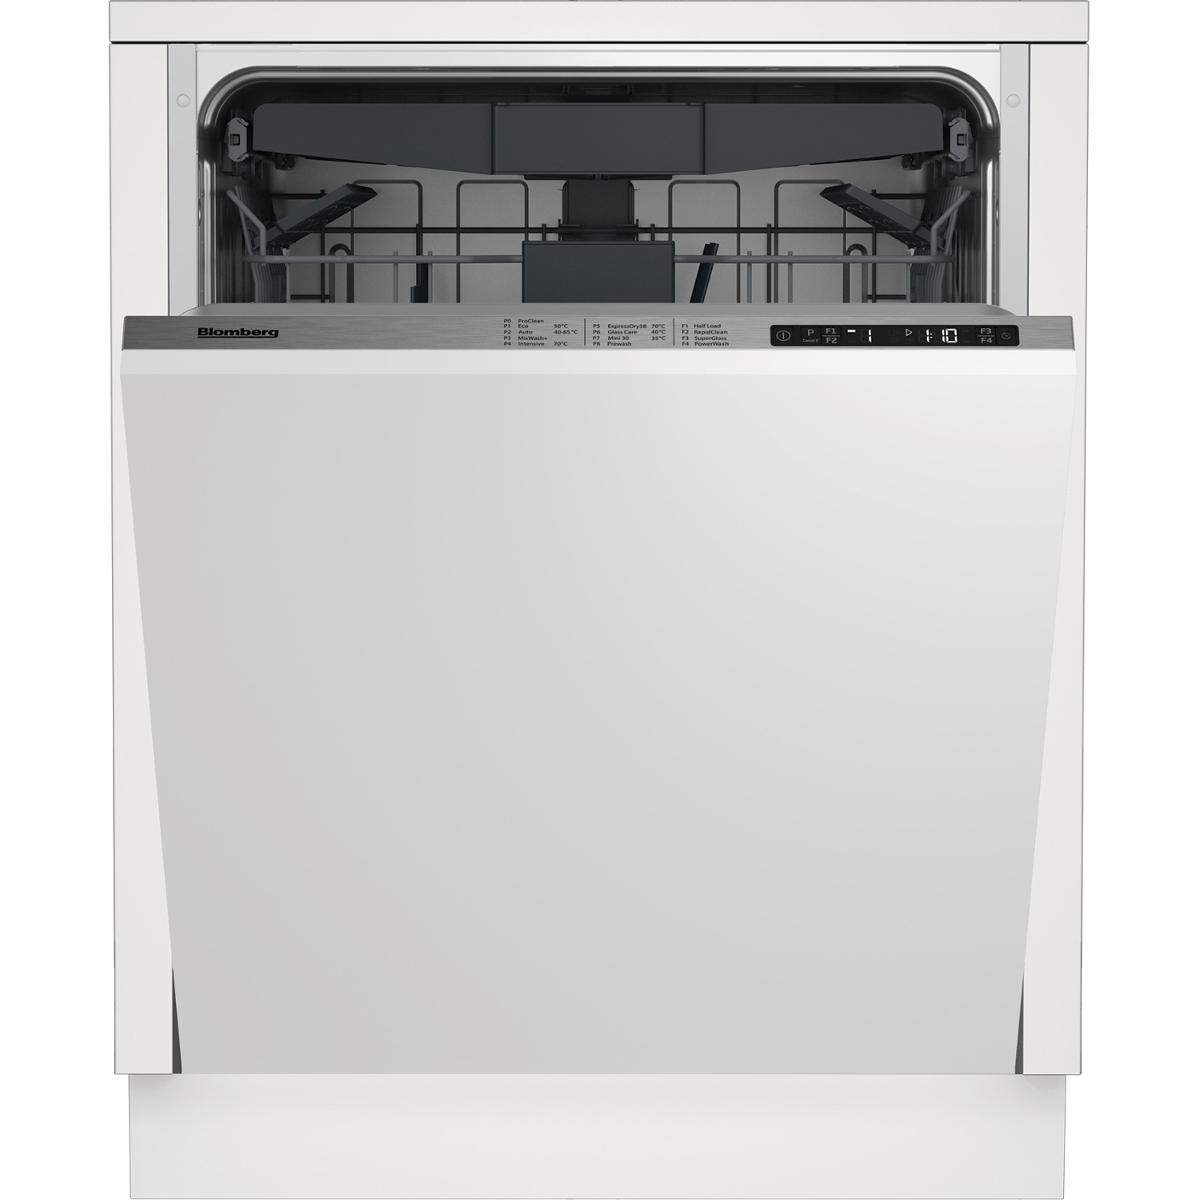 blomberg ldv42244 built in 14 place setting dishwasher. Black Bedroom Furniture Sets. Home Design Ideas